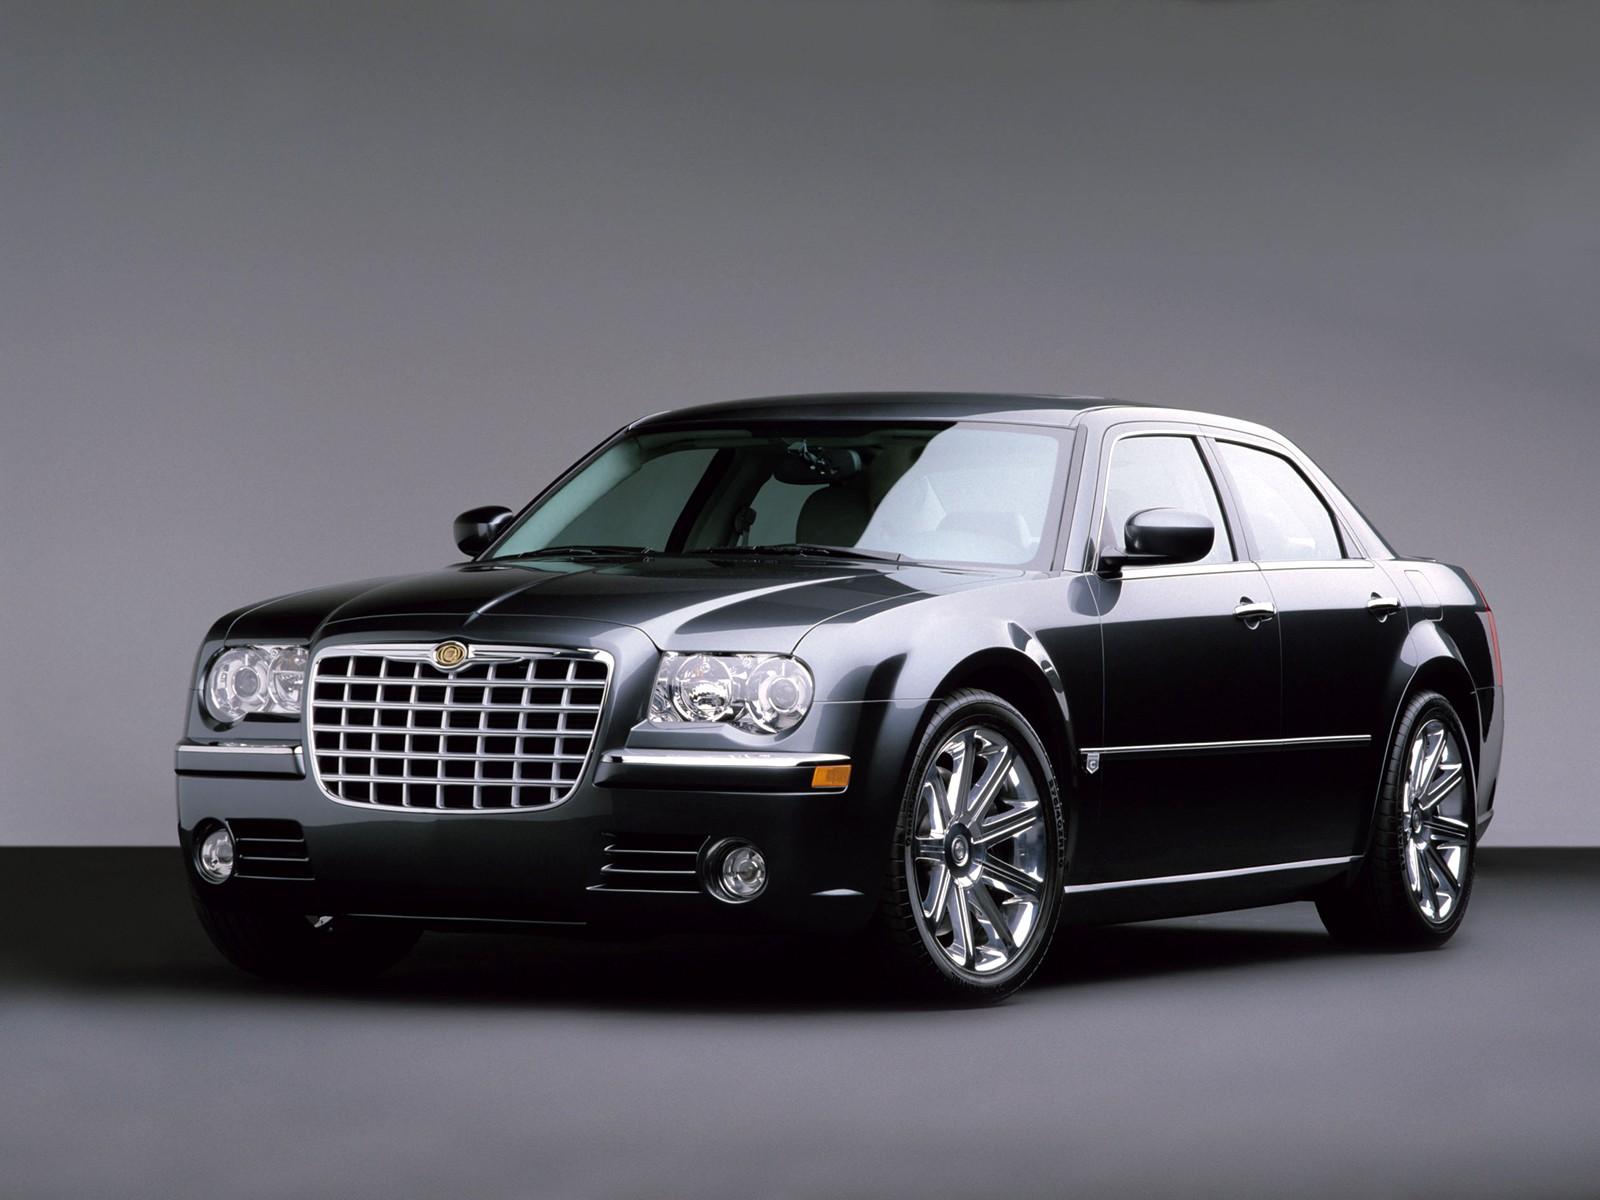 Chrysler 300 c 5.7 hemi